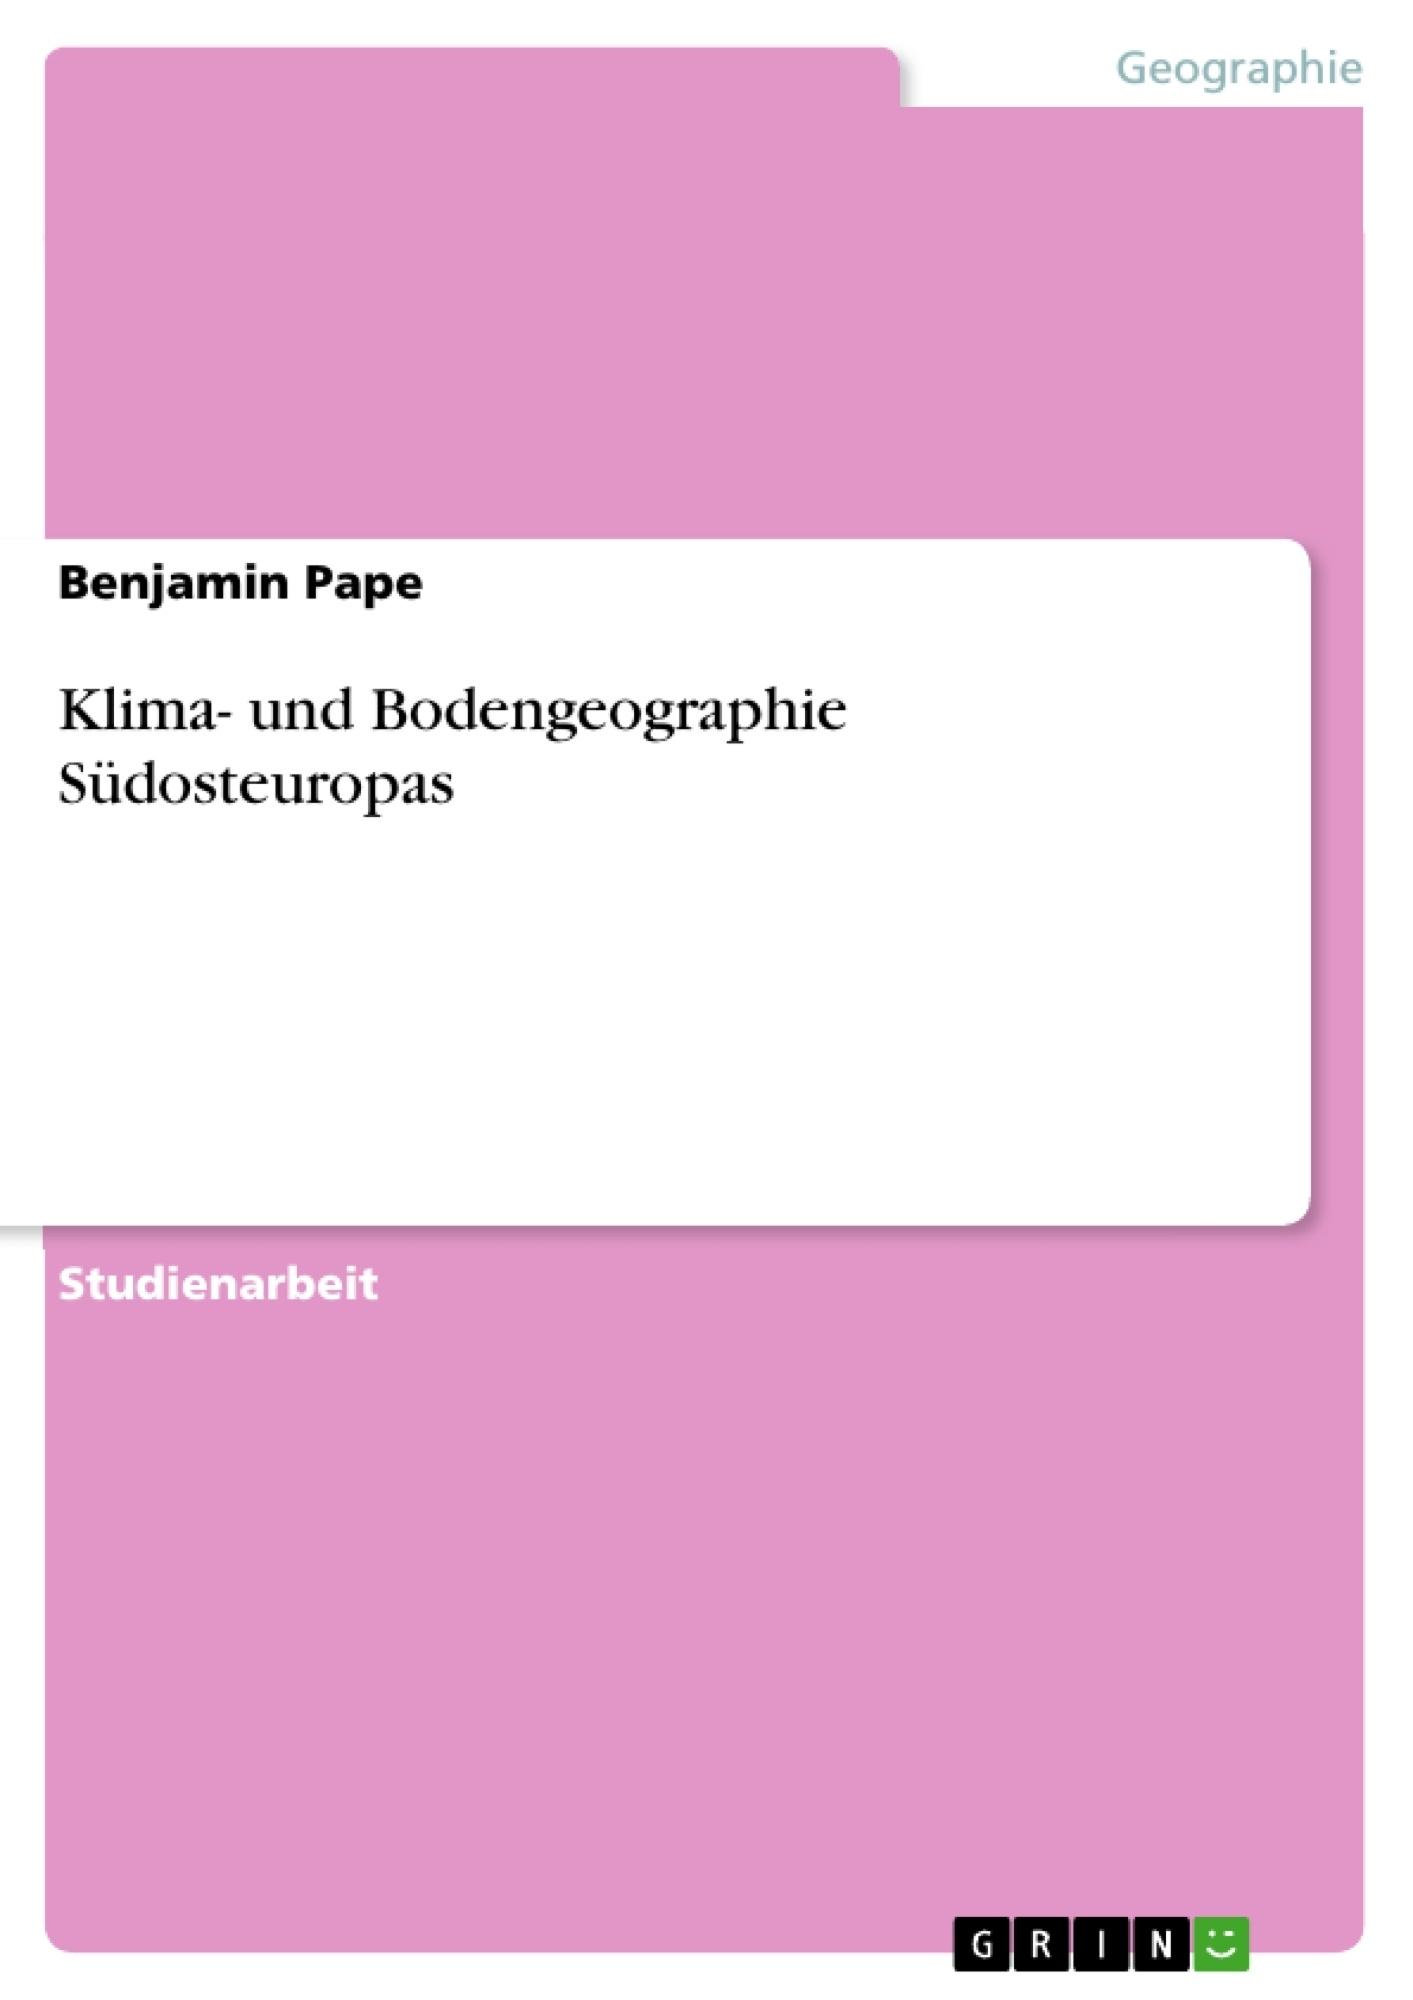 Titel: Klima- und Bodengeographie Südosteuropas